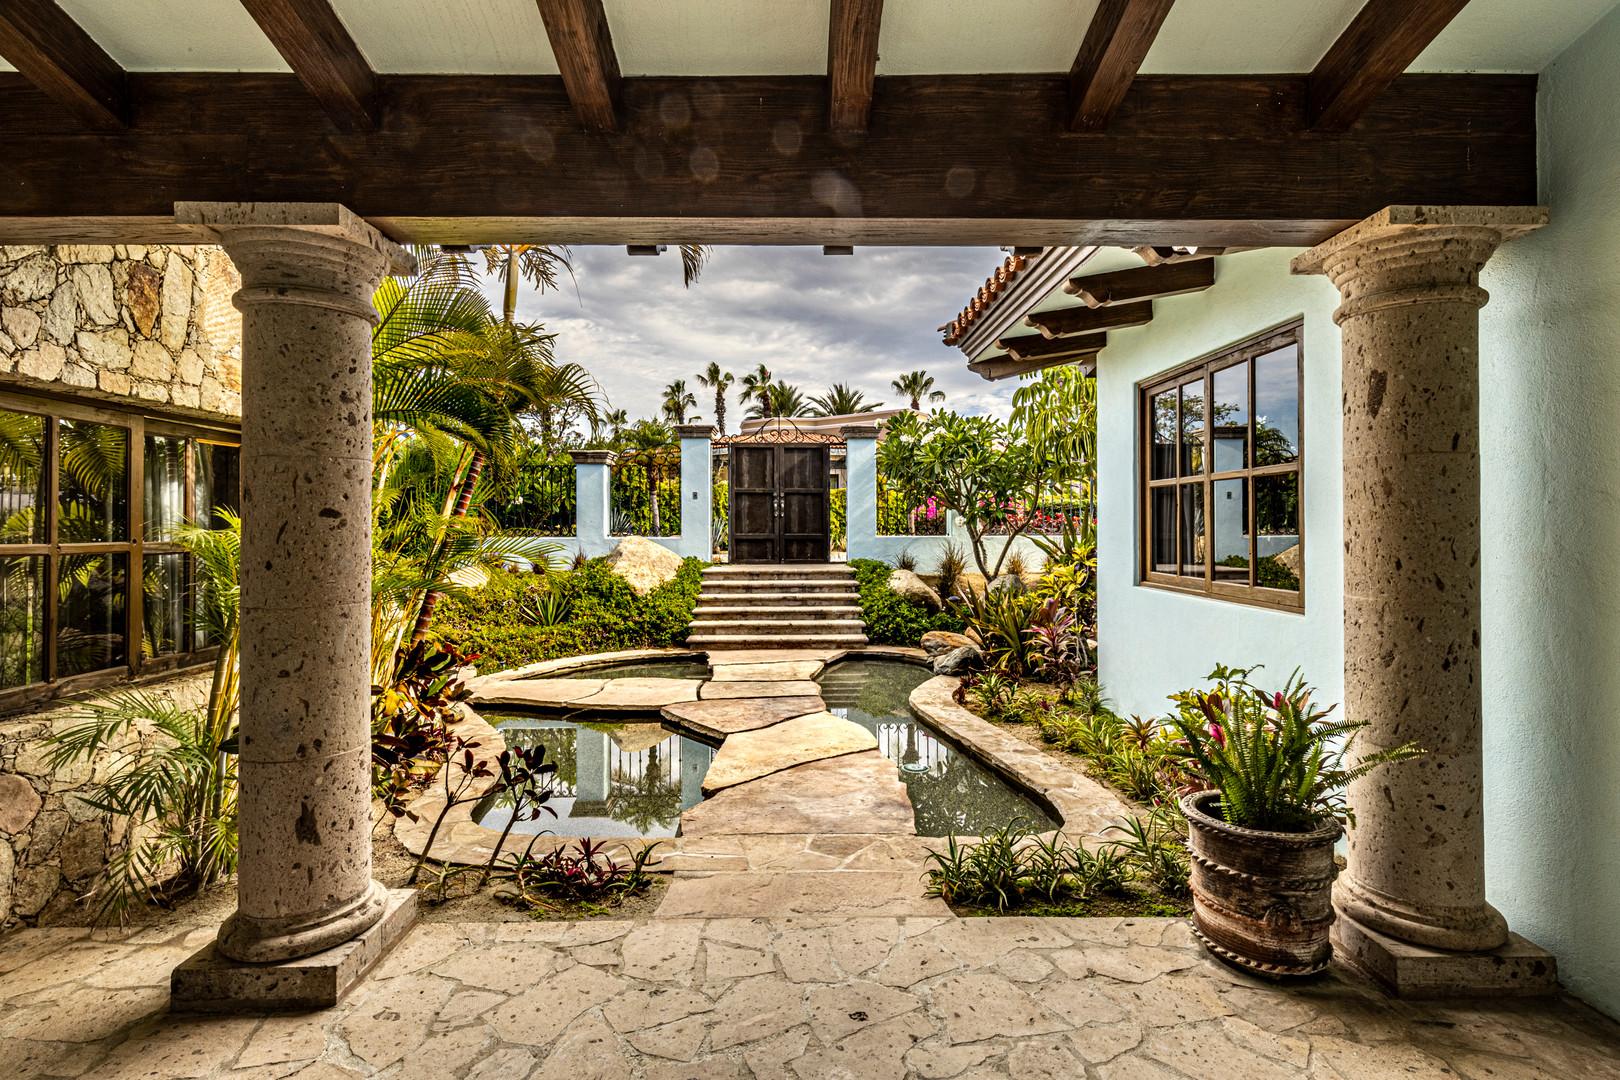 Casa Contessa - Courtyard Entry